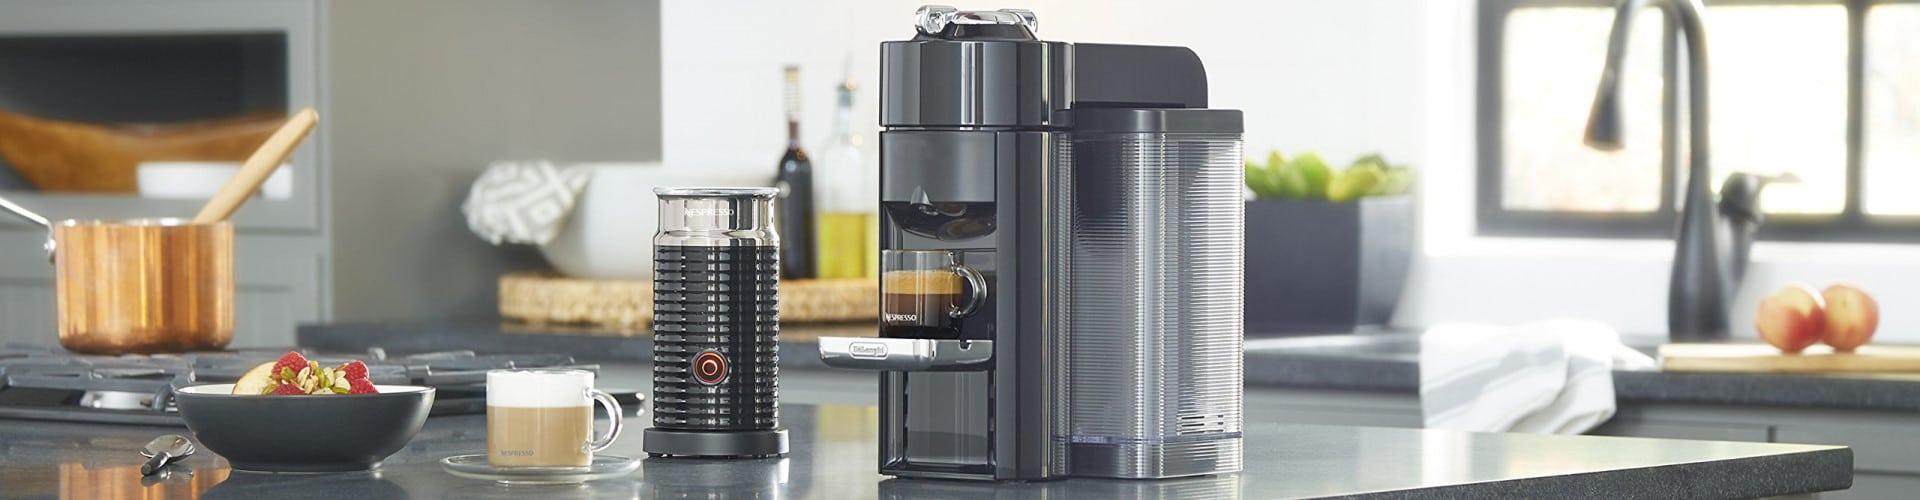 Best Espresso Machines Under 200 Reviewed in Detail